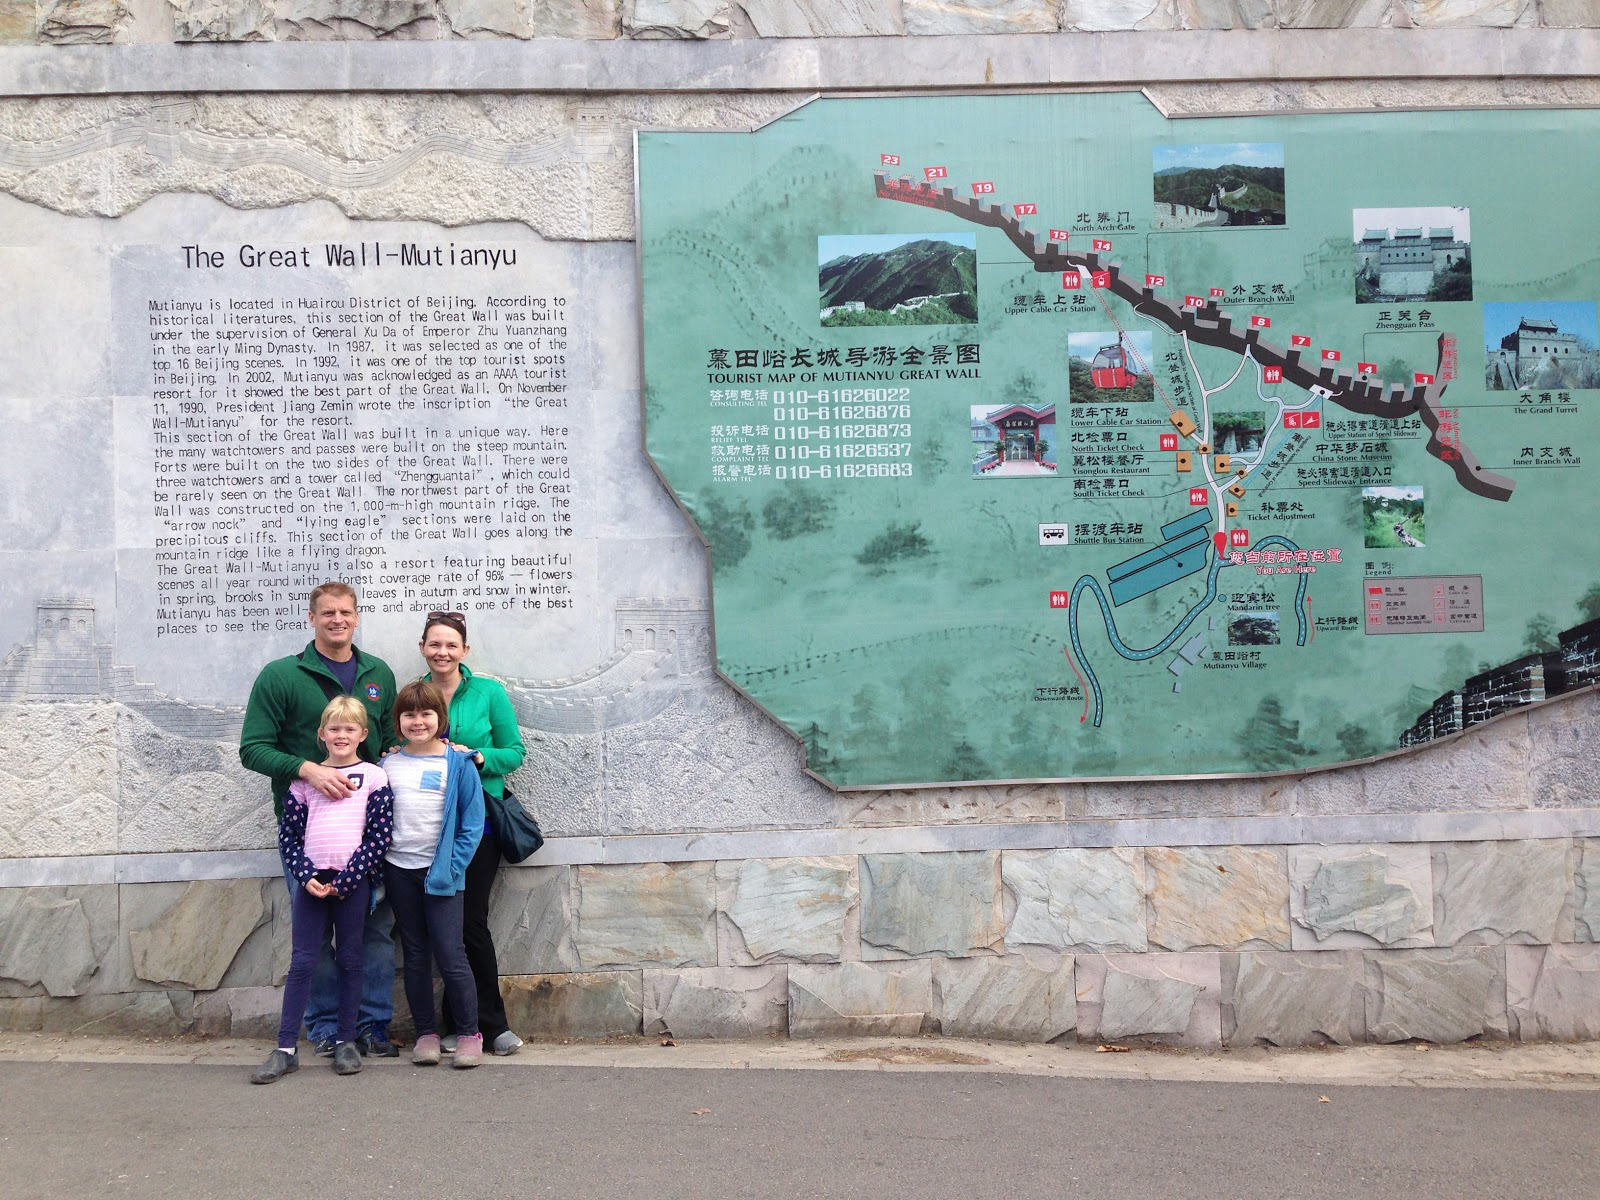 China BeiJing MuTianYu Great Wall